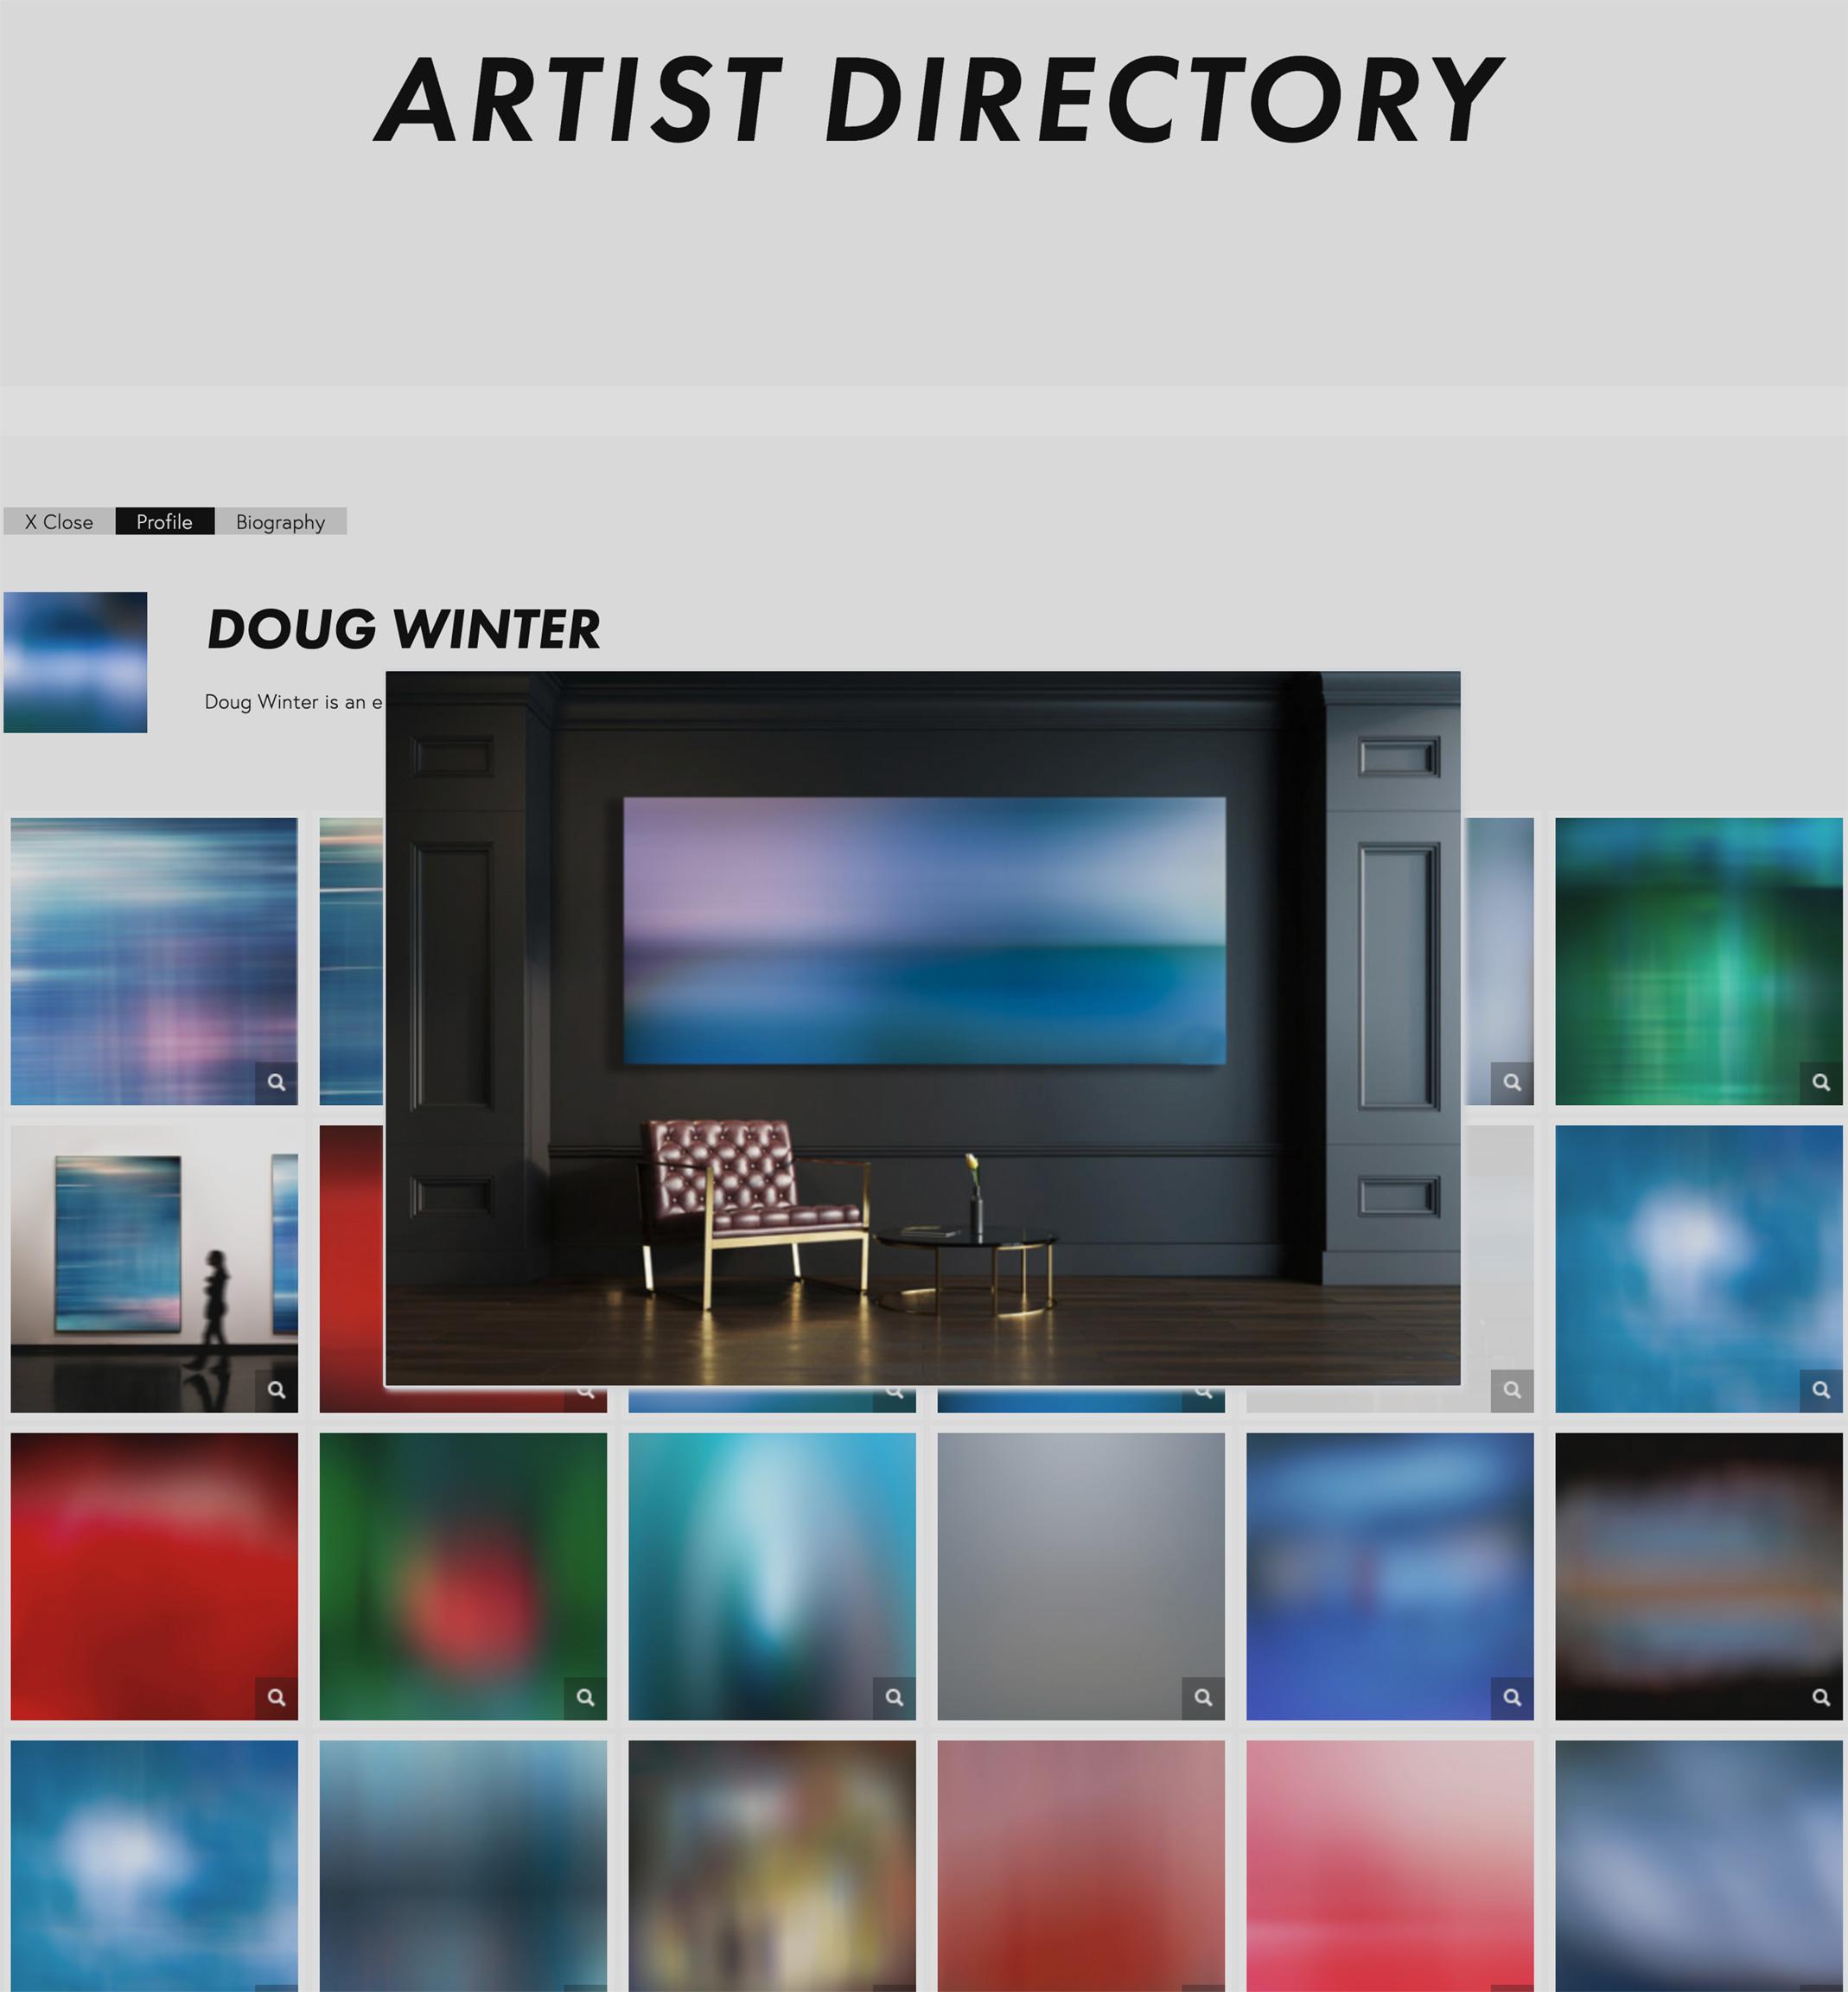 Floorr Magazine artist directory